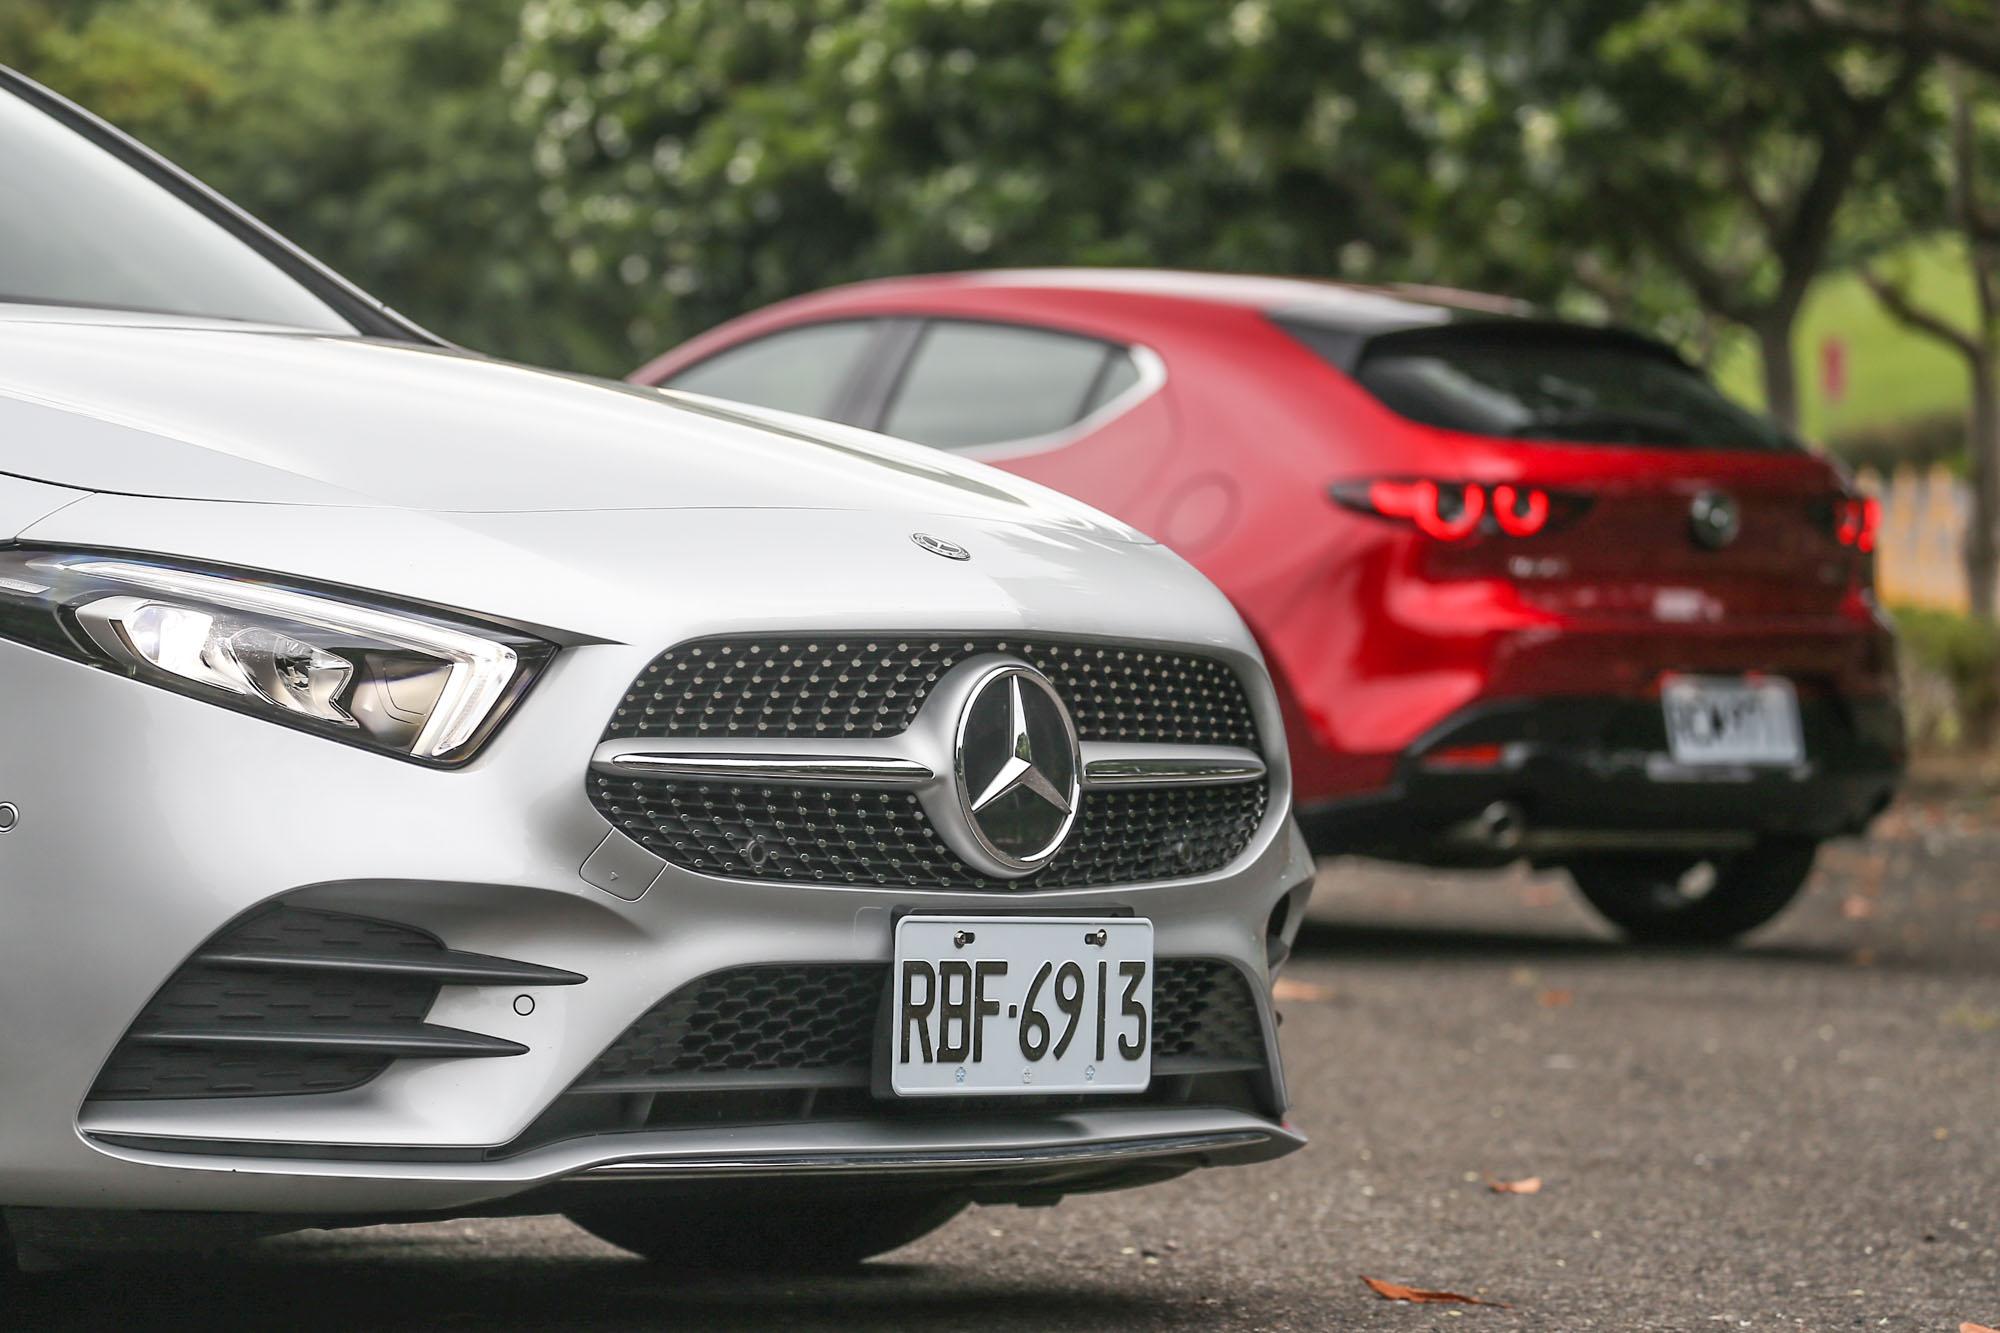 新世代 Mazda3 膽敢挑戰Mercedes-Benz A-Class?憑藉著什麼秘密武器有此企圖心?